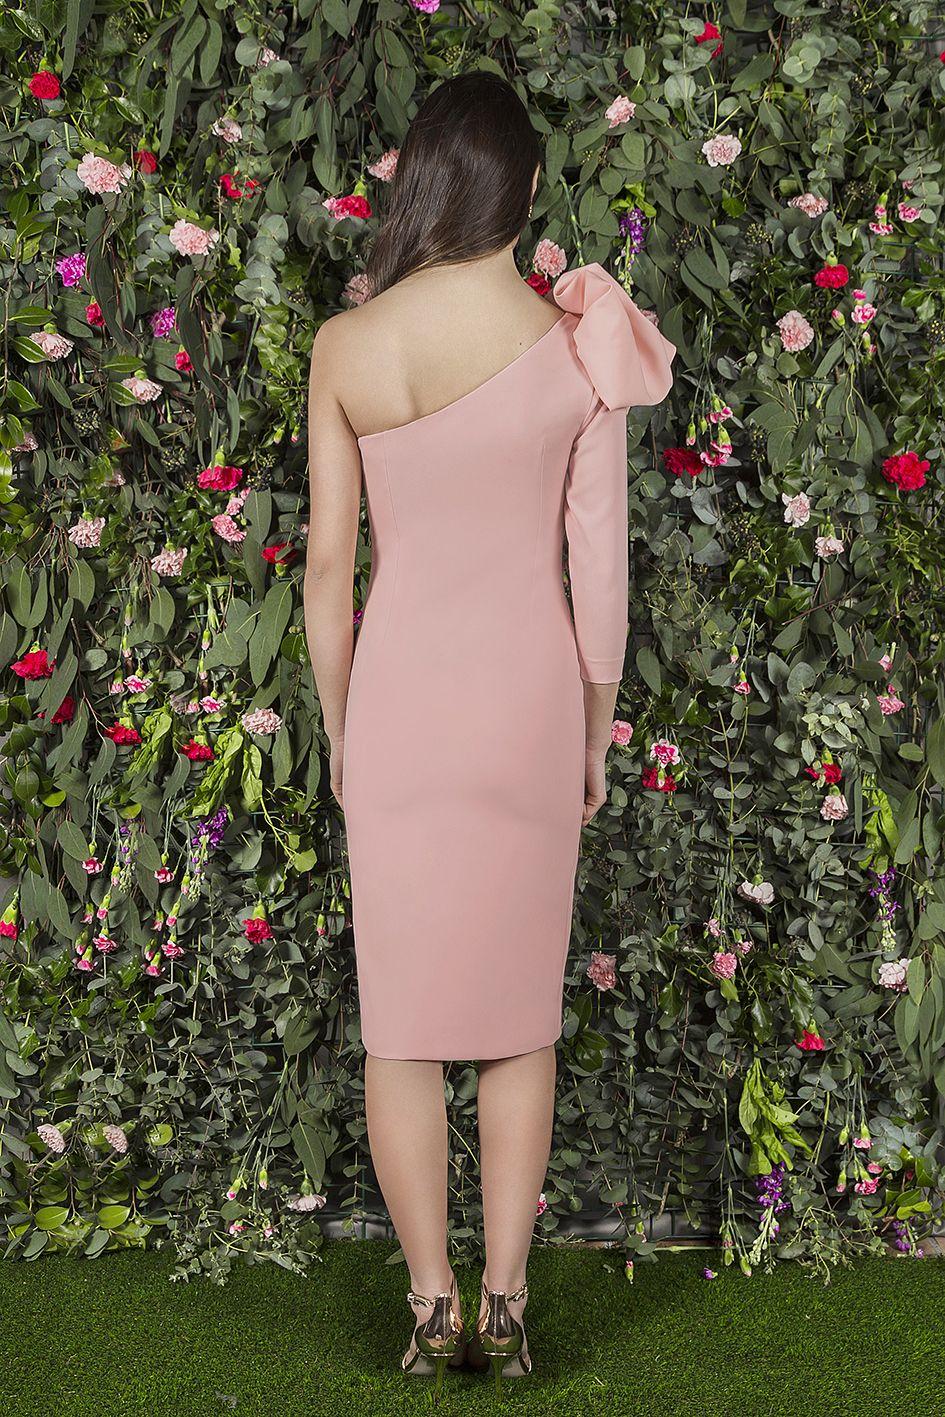 BIANCA #dress from the back. Vestido con un hombro al aire, ajustado ...